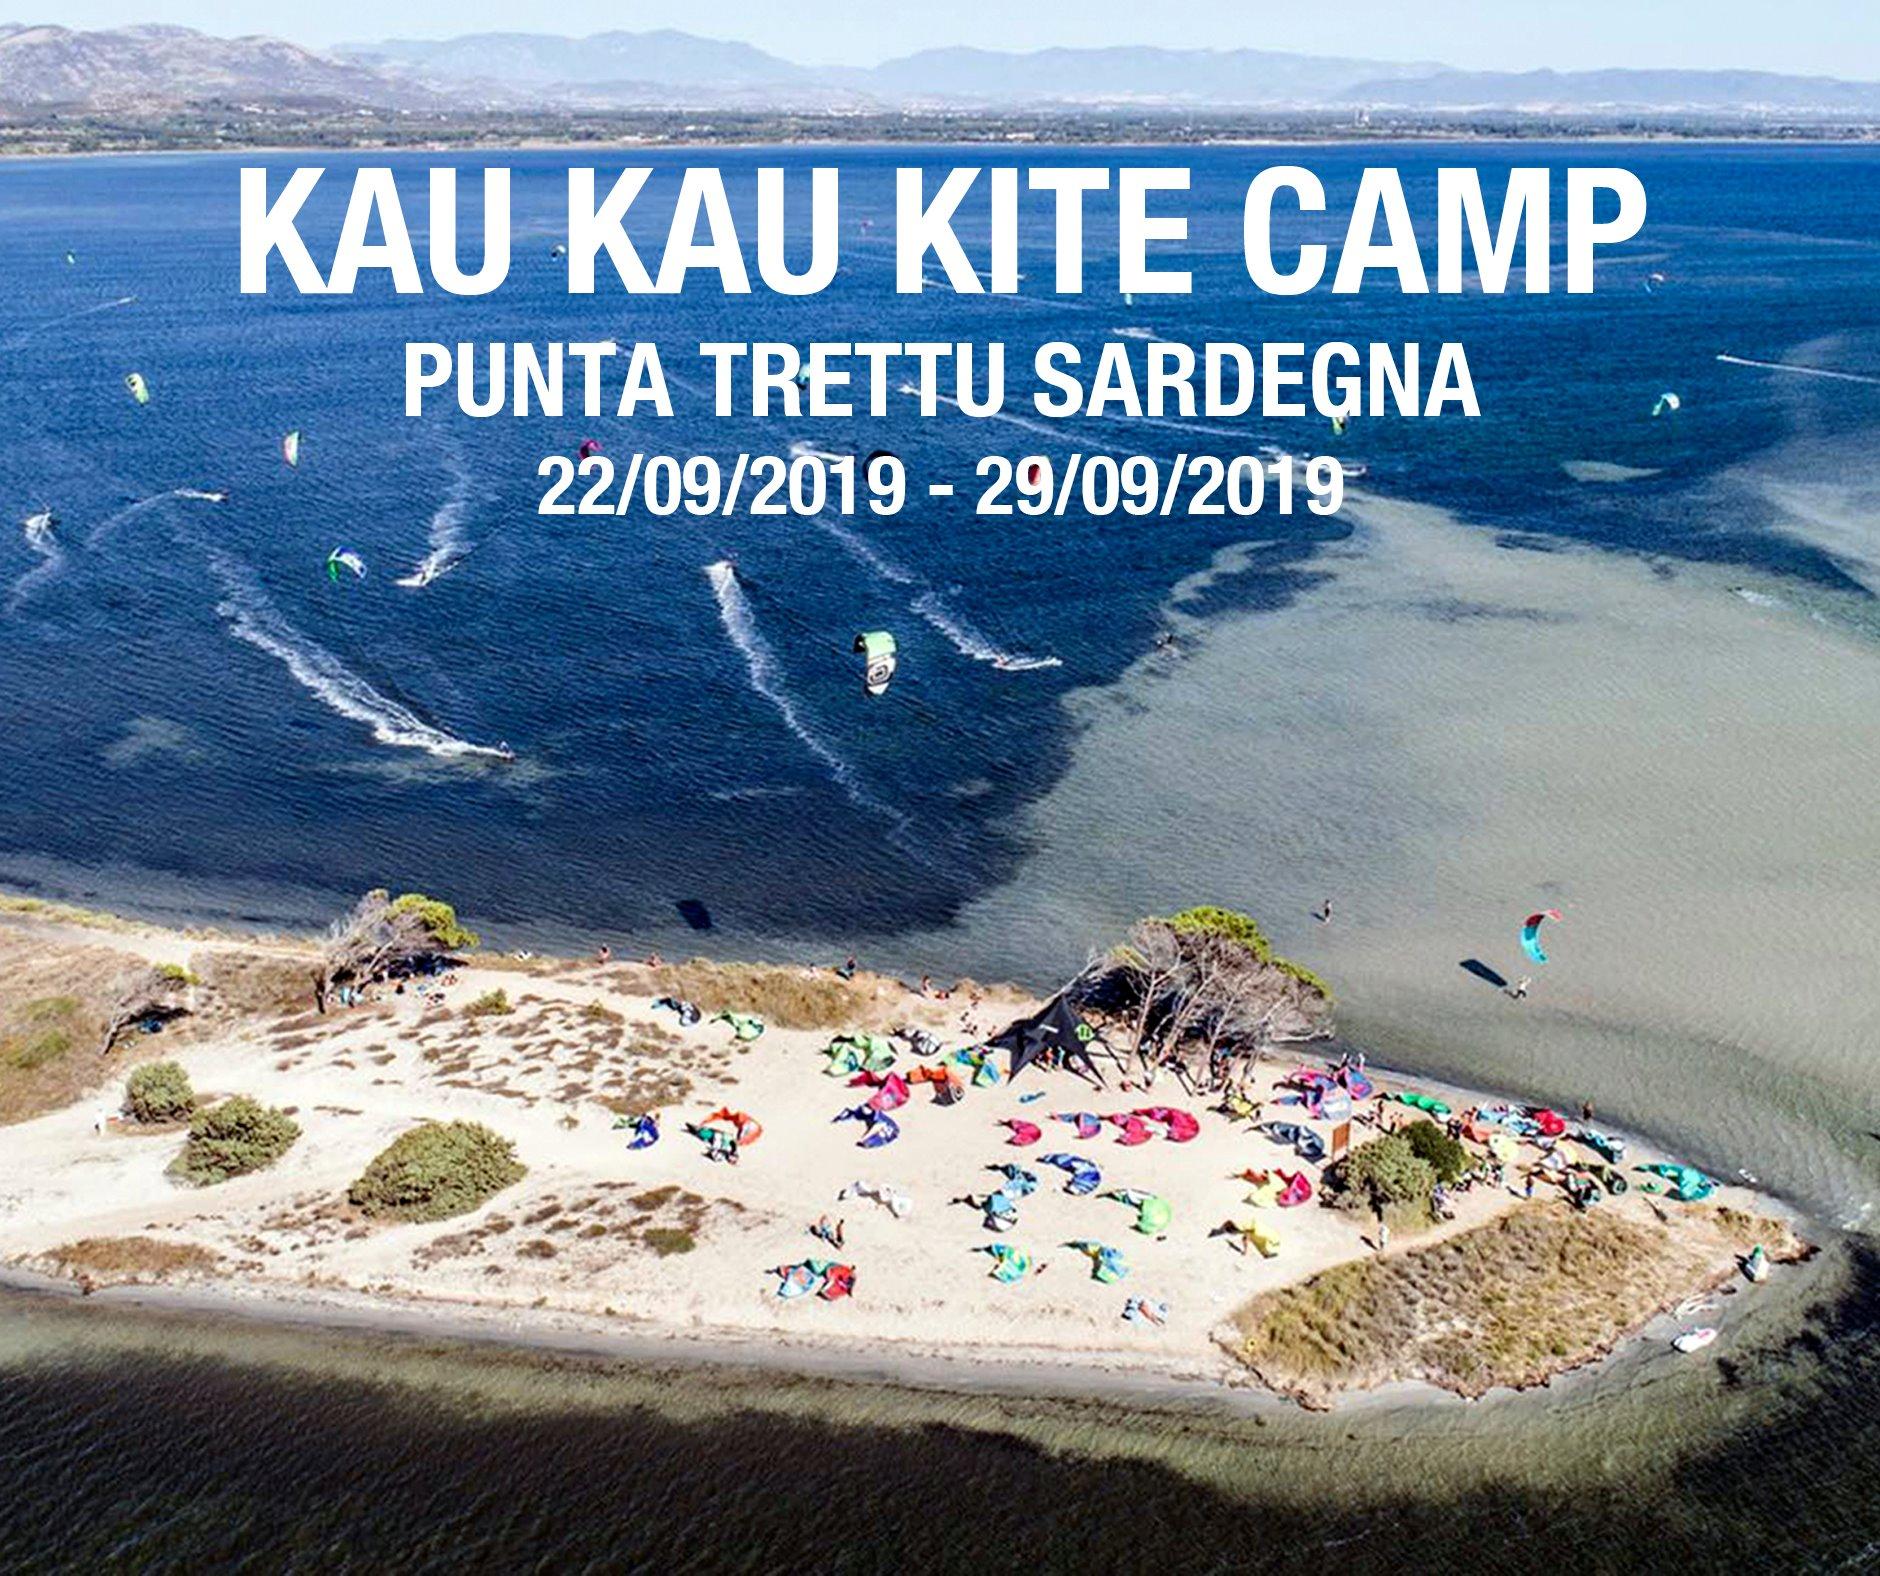 Kaukau club camp Punta Trettu